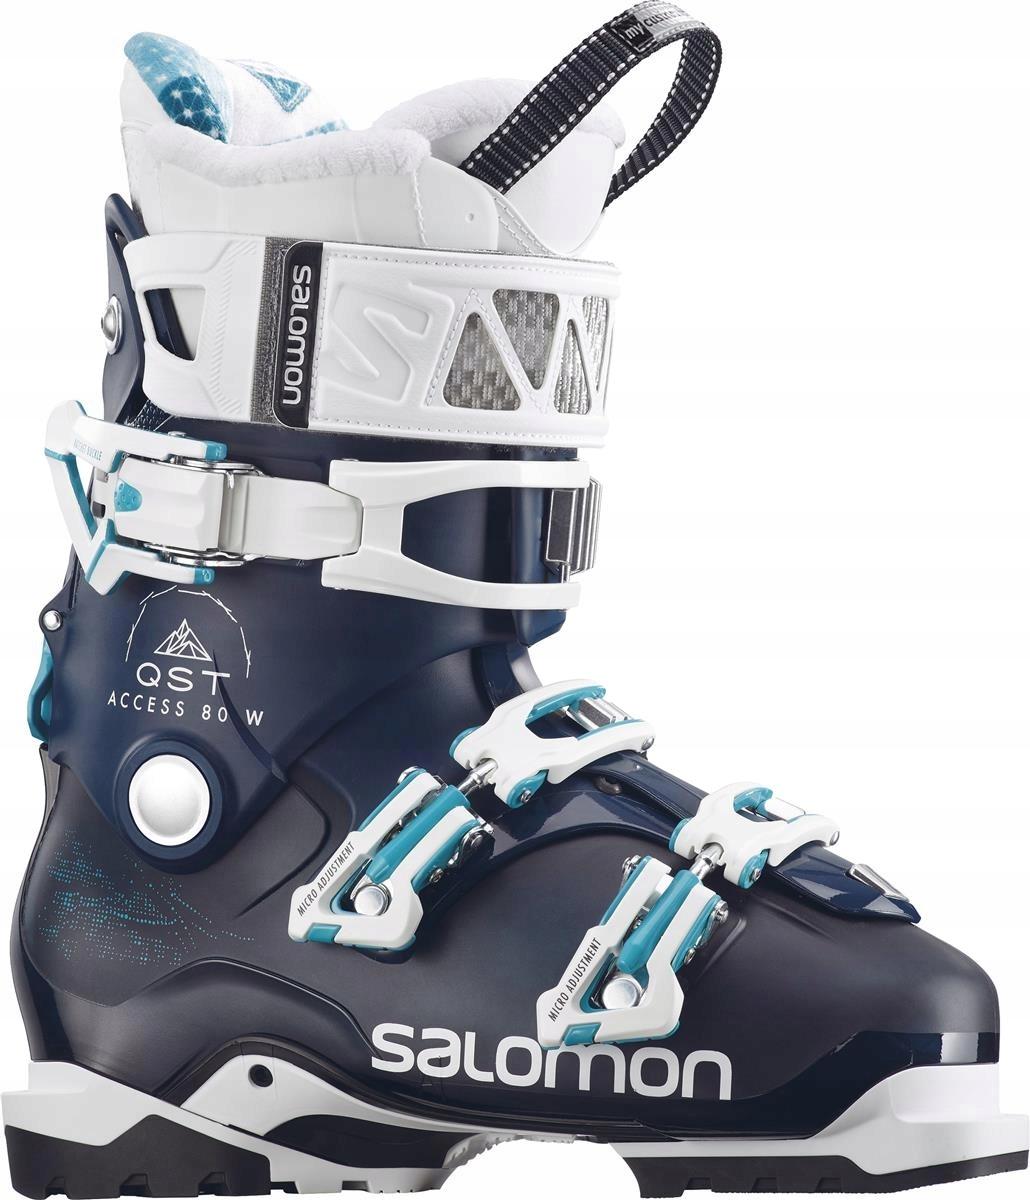 Buty narciarskie Salomon QST Access 70 W Czarny 23